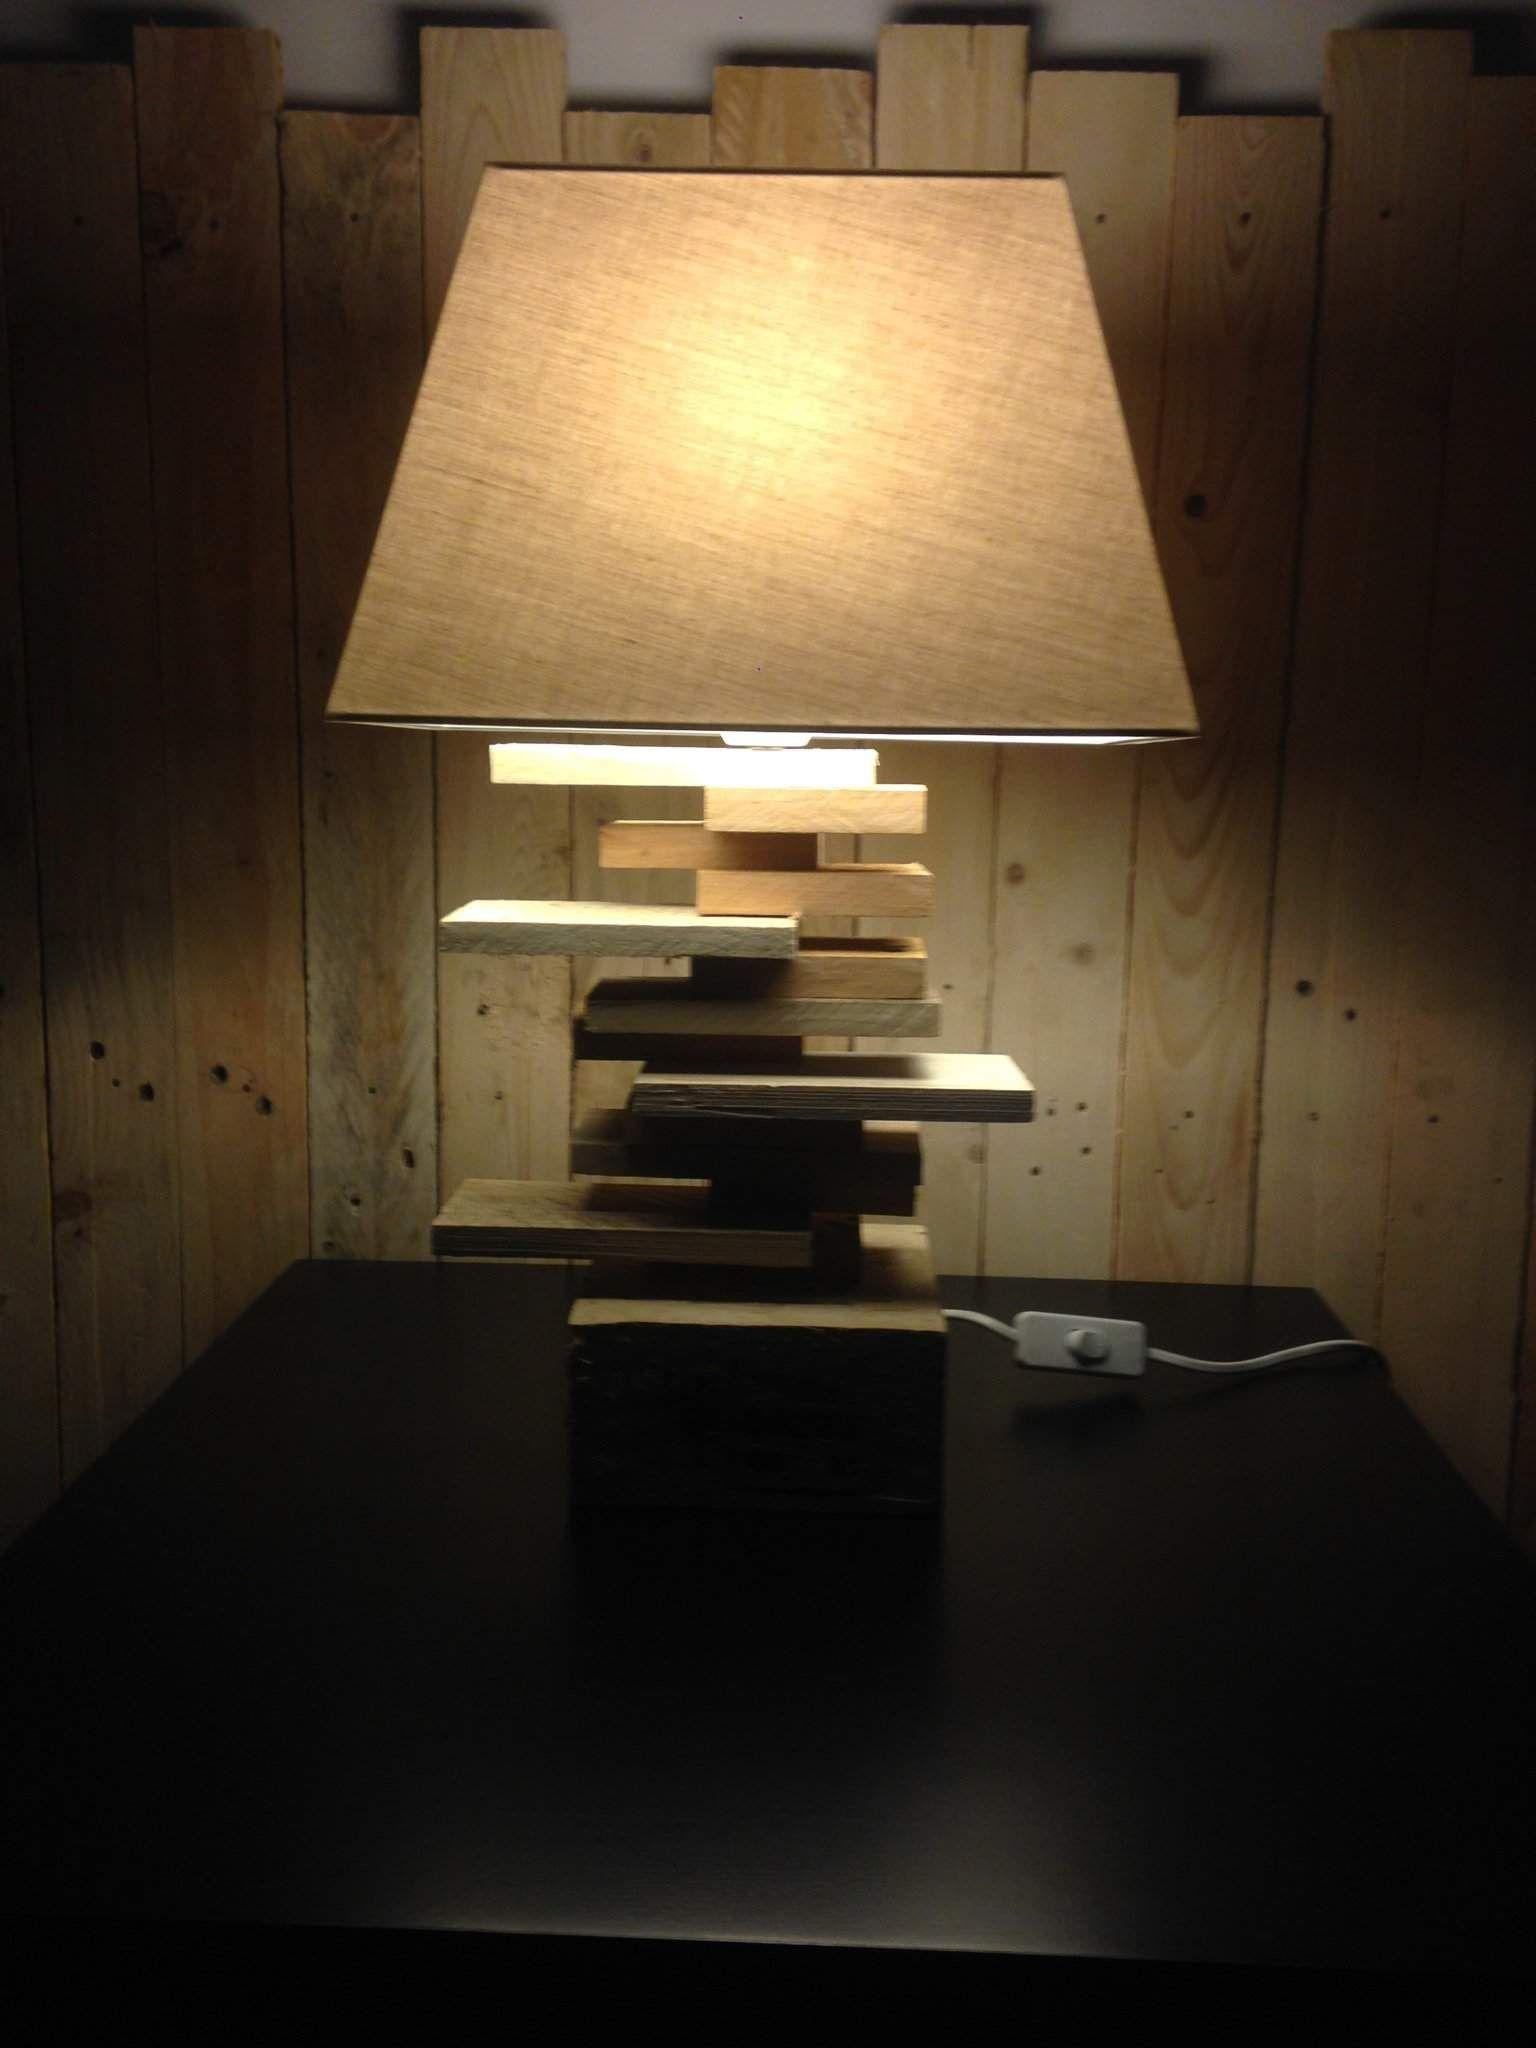 Lamp For A Side Table Lampe De Chevet 1001 Pallets Pallet Home Decor Lamp Decor